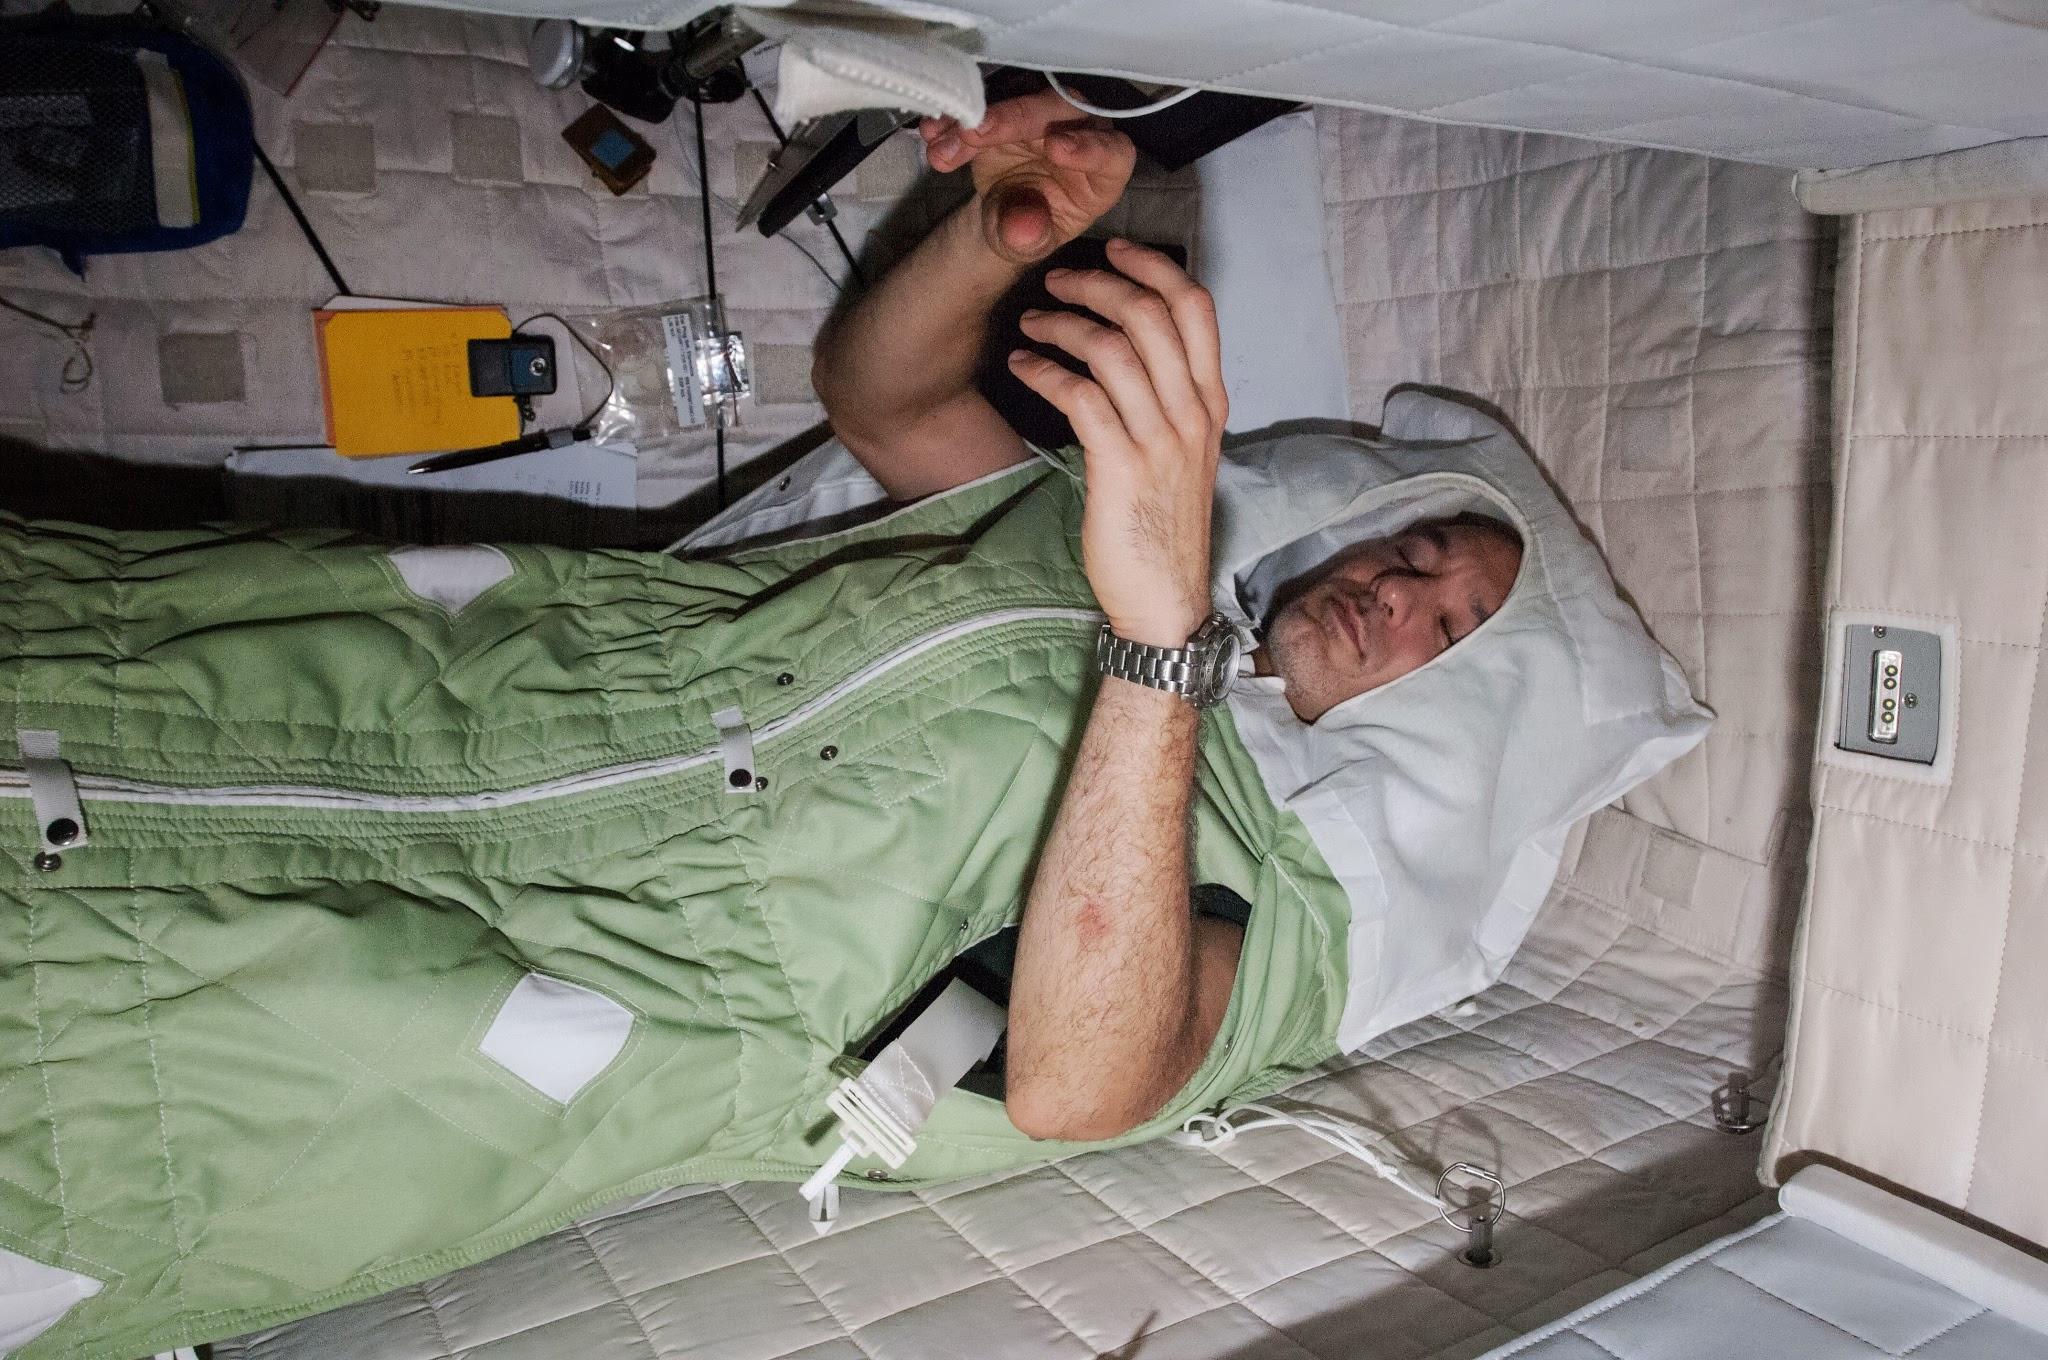 L'astronauta Luca Parmitano sarà comandante della ISS